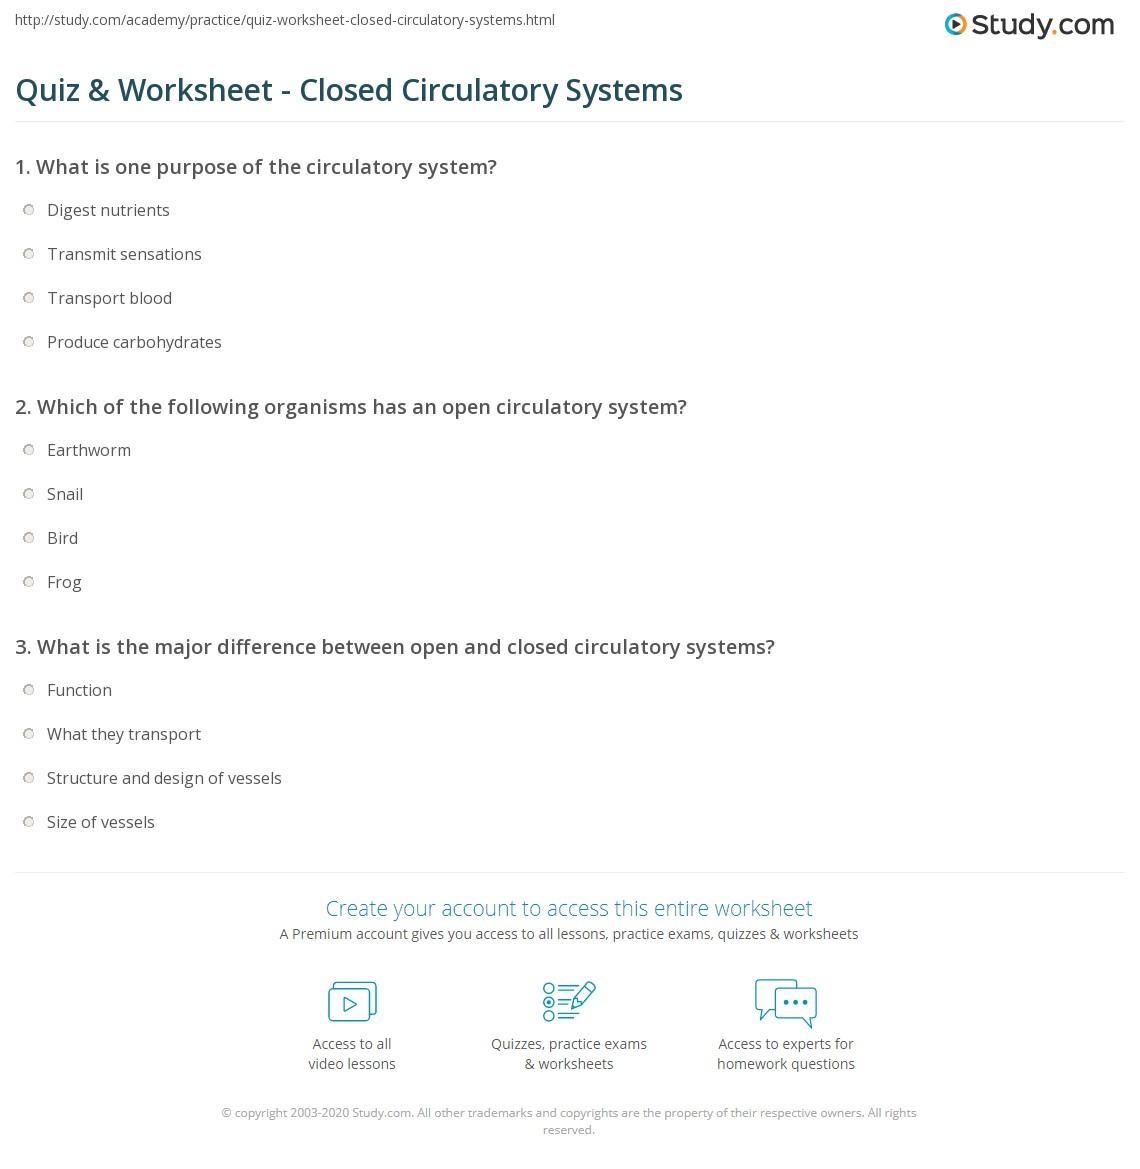 Worksheets Circulatory System Worksheet quiz worksheet closed circulatory systems study com print system definition advantage worksheet